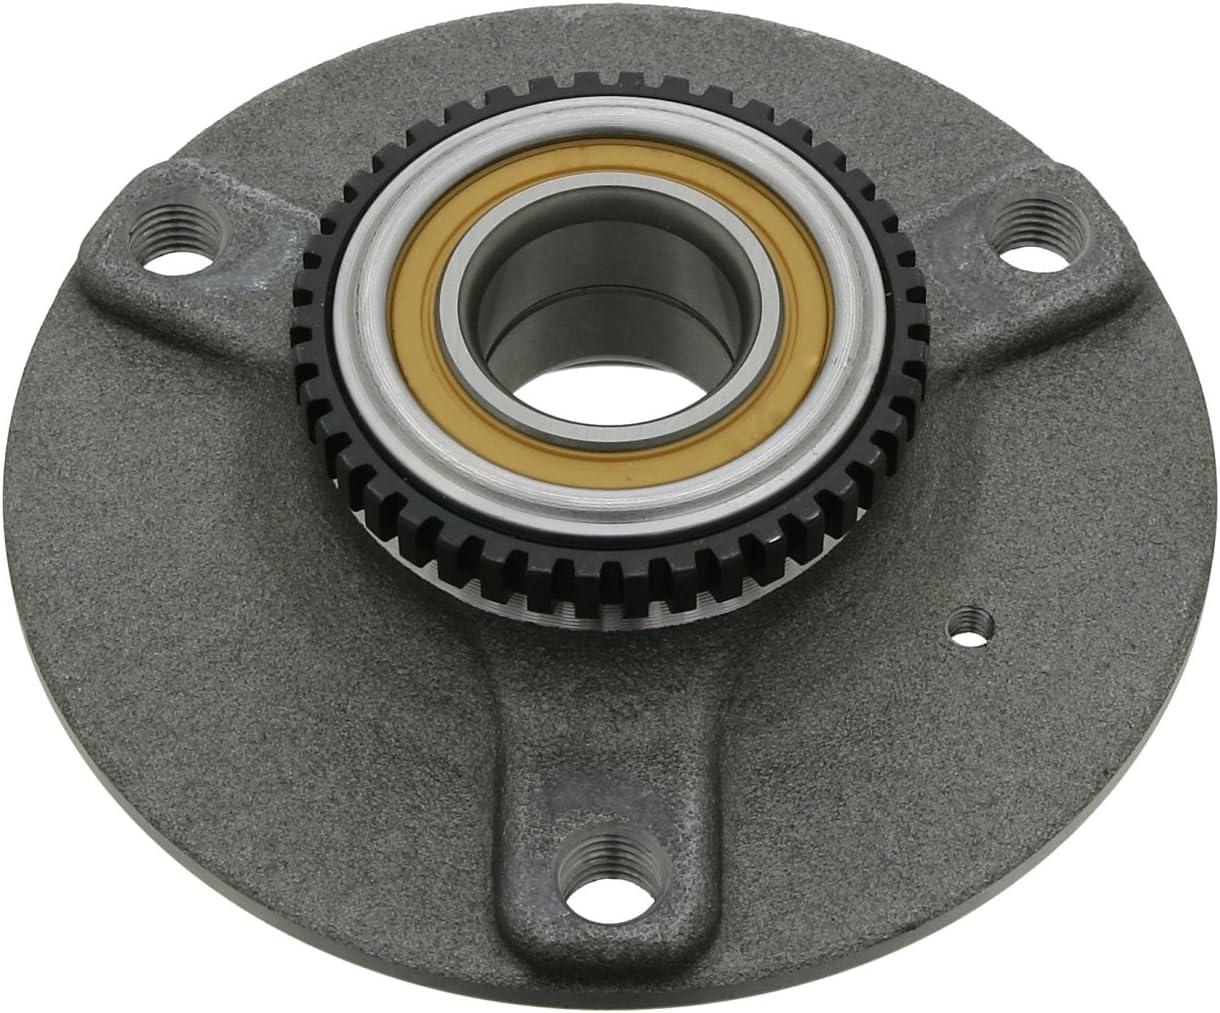 1 St/ück febi bilstein 26378 Radlagersatz mit Radnabe und ABS-Impulsring